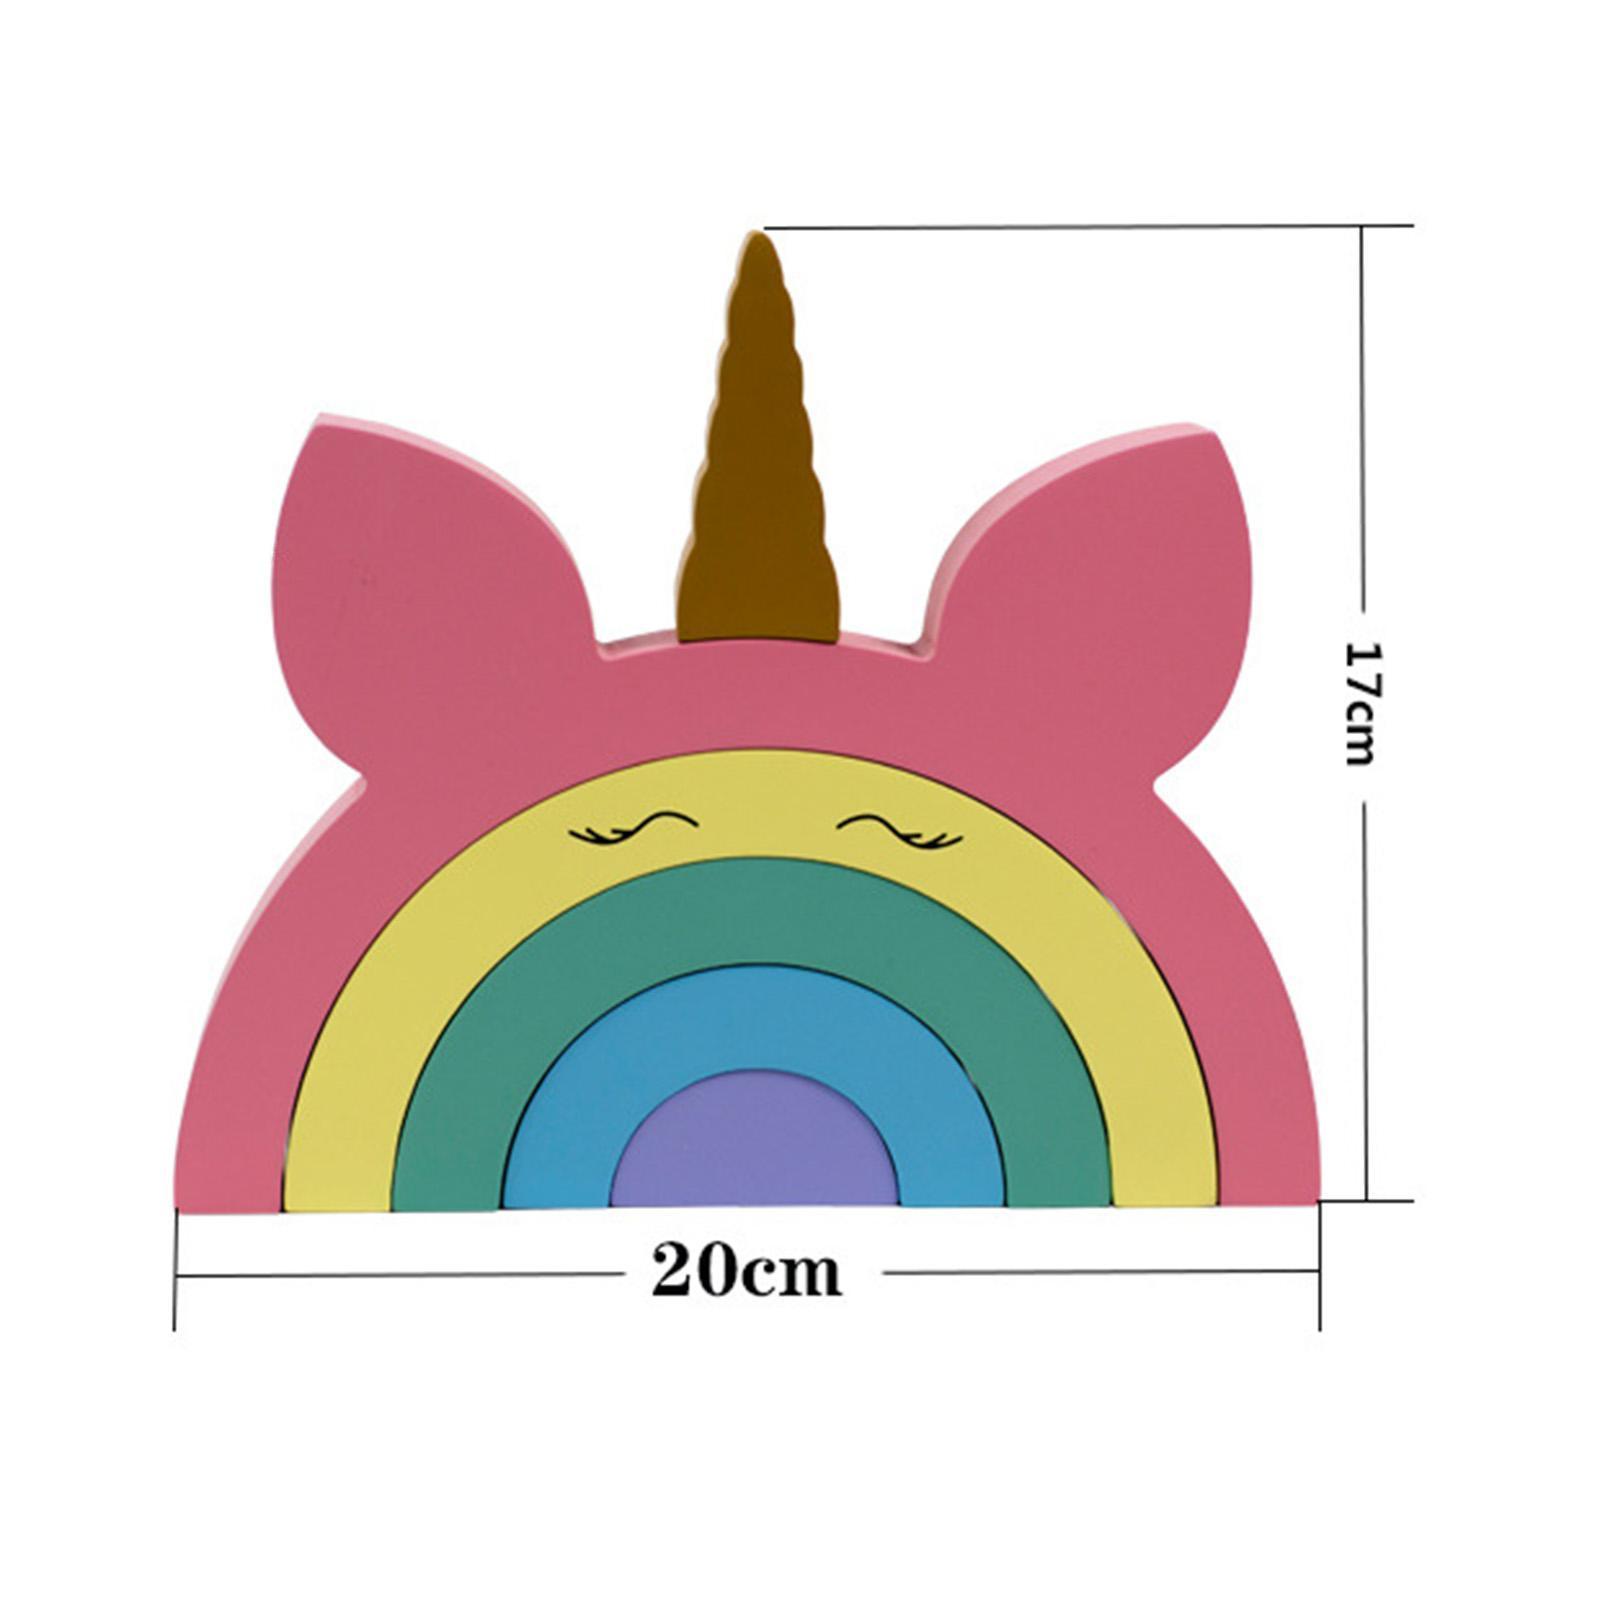 miniature 9 - Blocs de construction d'empilage coloré en bois créatif jouet de bébé Montes